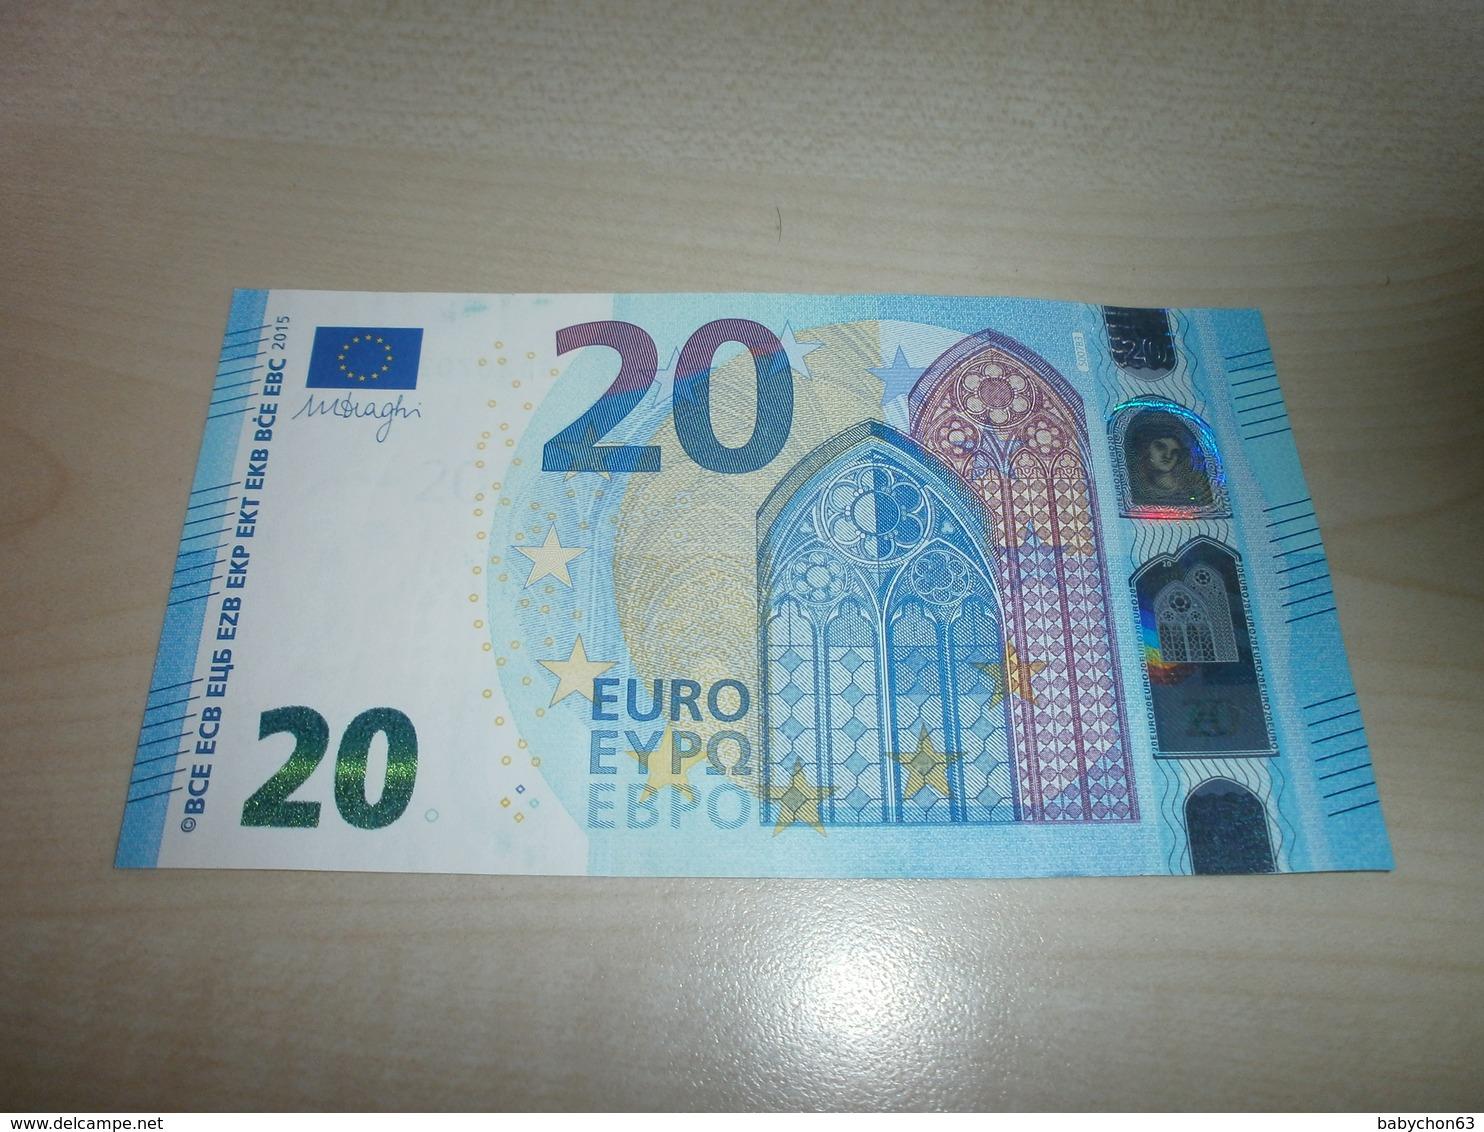 20 EUROS (S S007 B3) - EURO